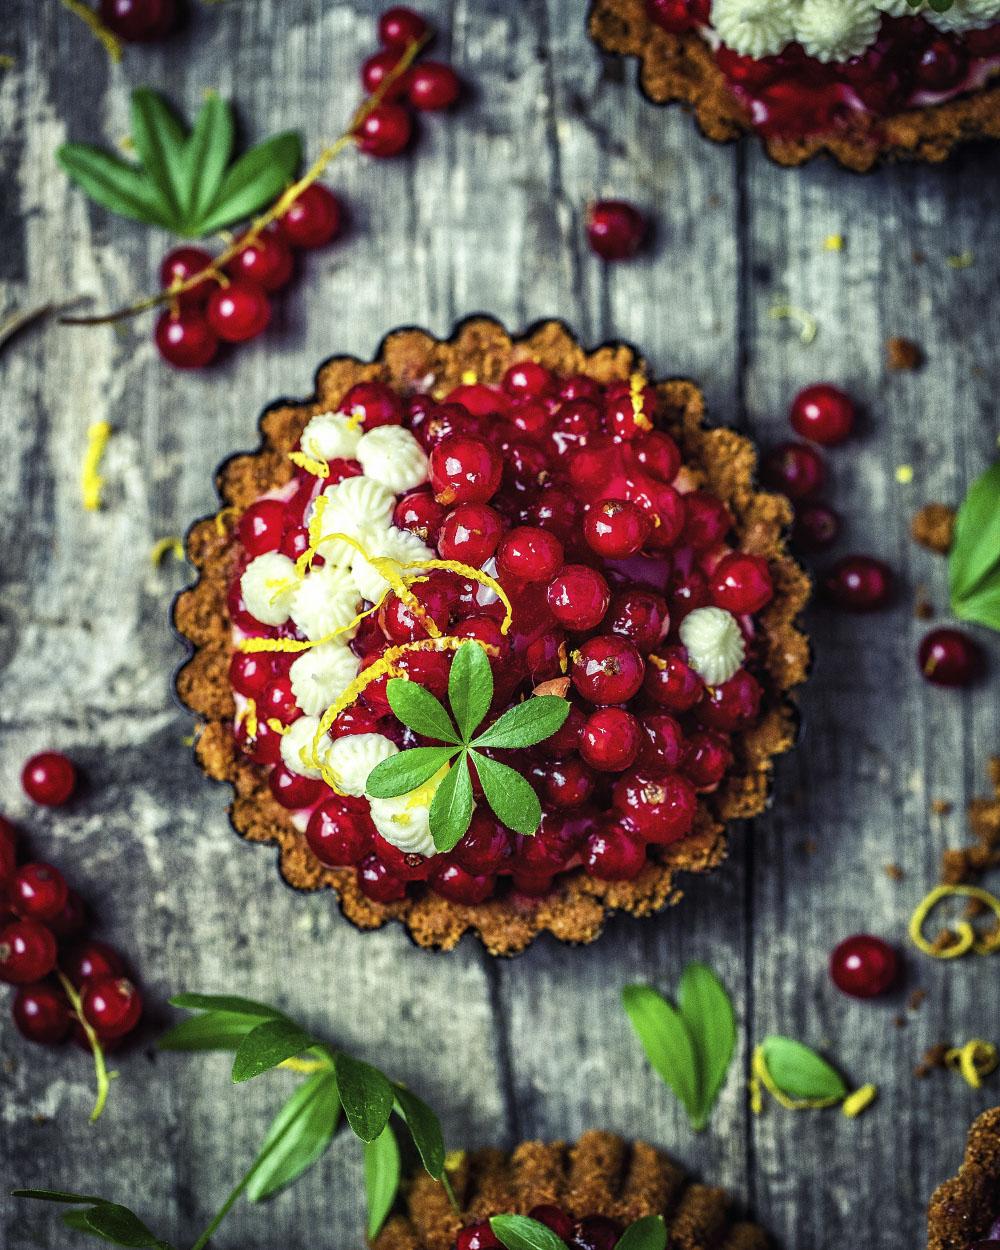 Johannisbeer-Törtchen nach Omas einfachem und super fruchtigen Rezept mit Pudding